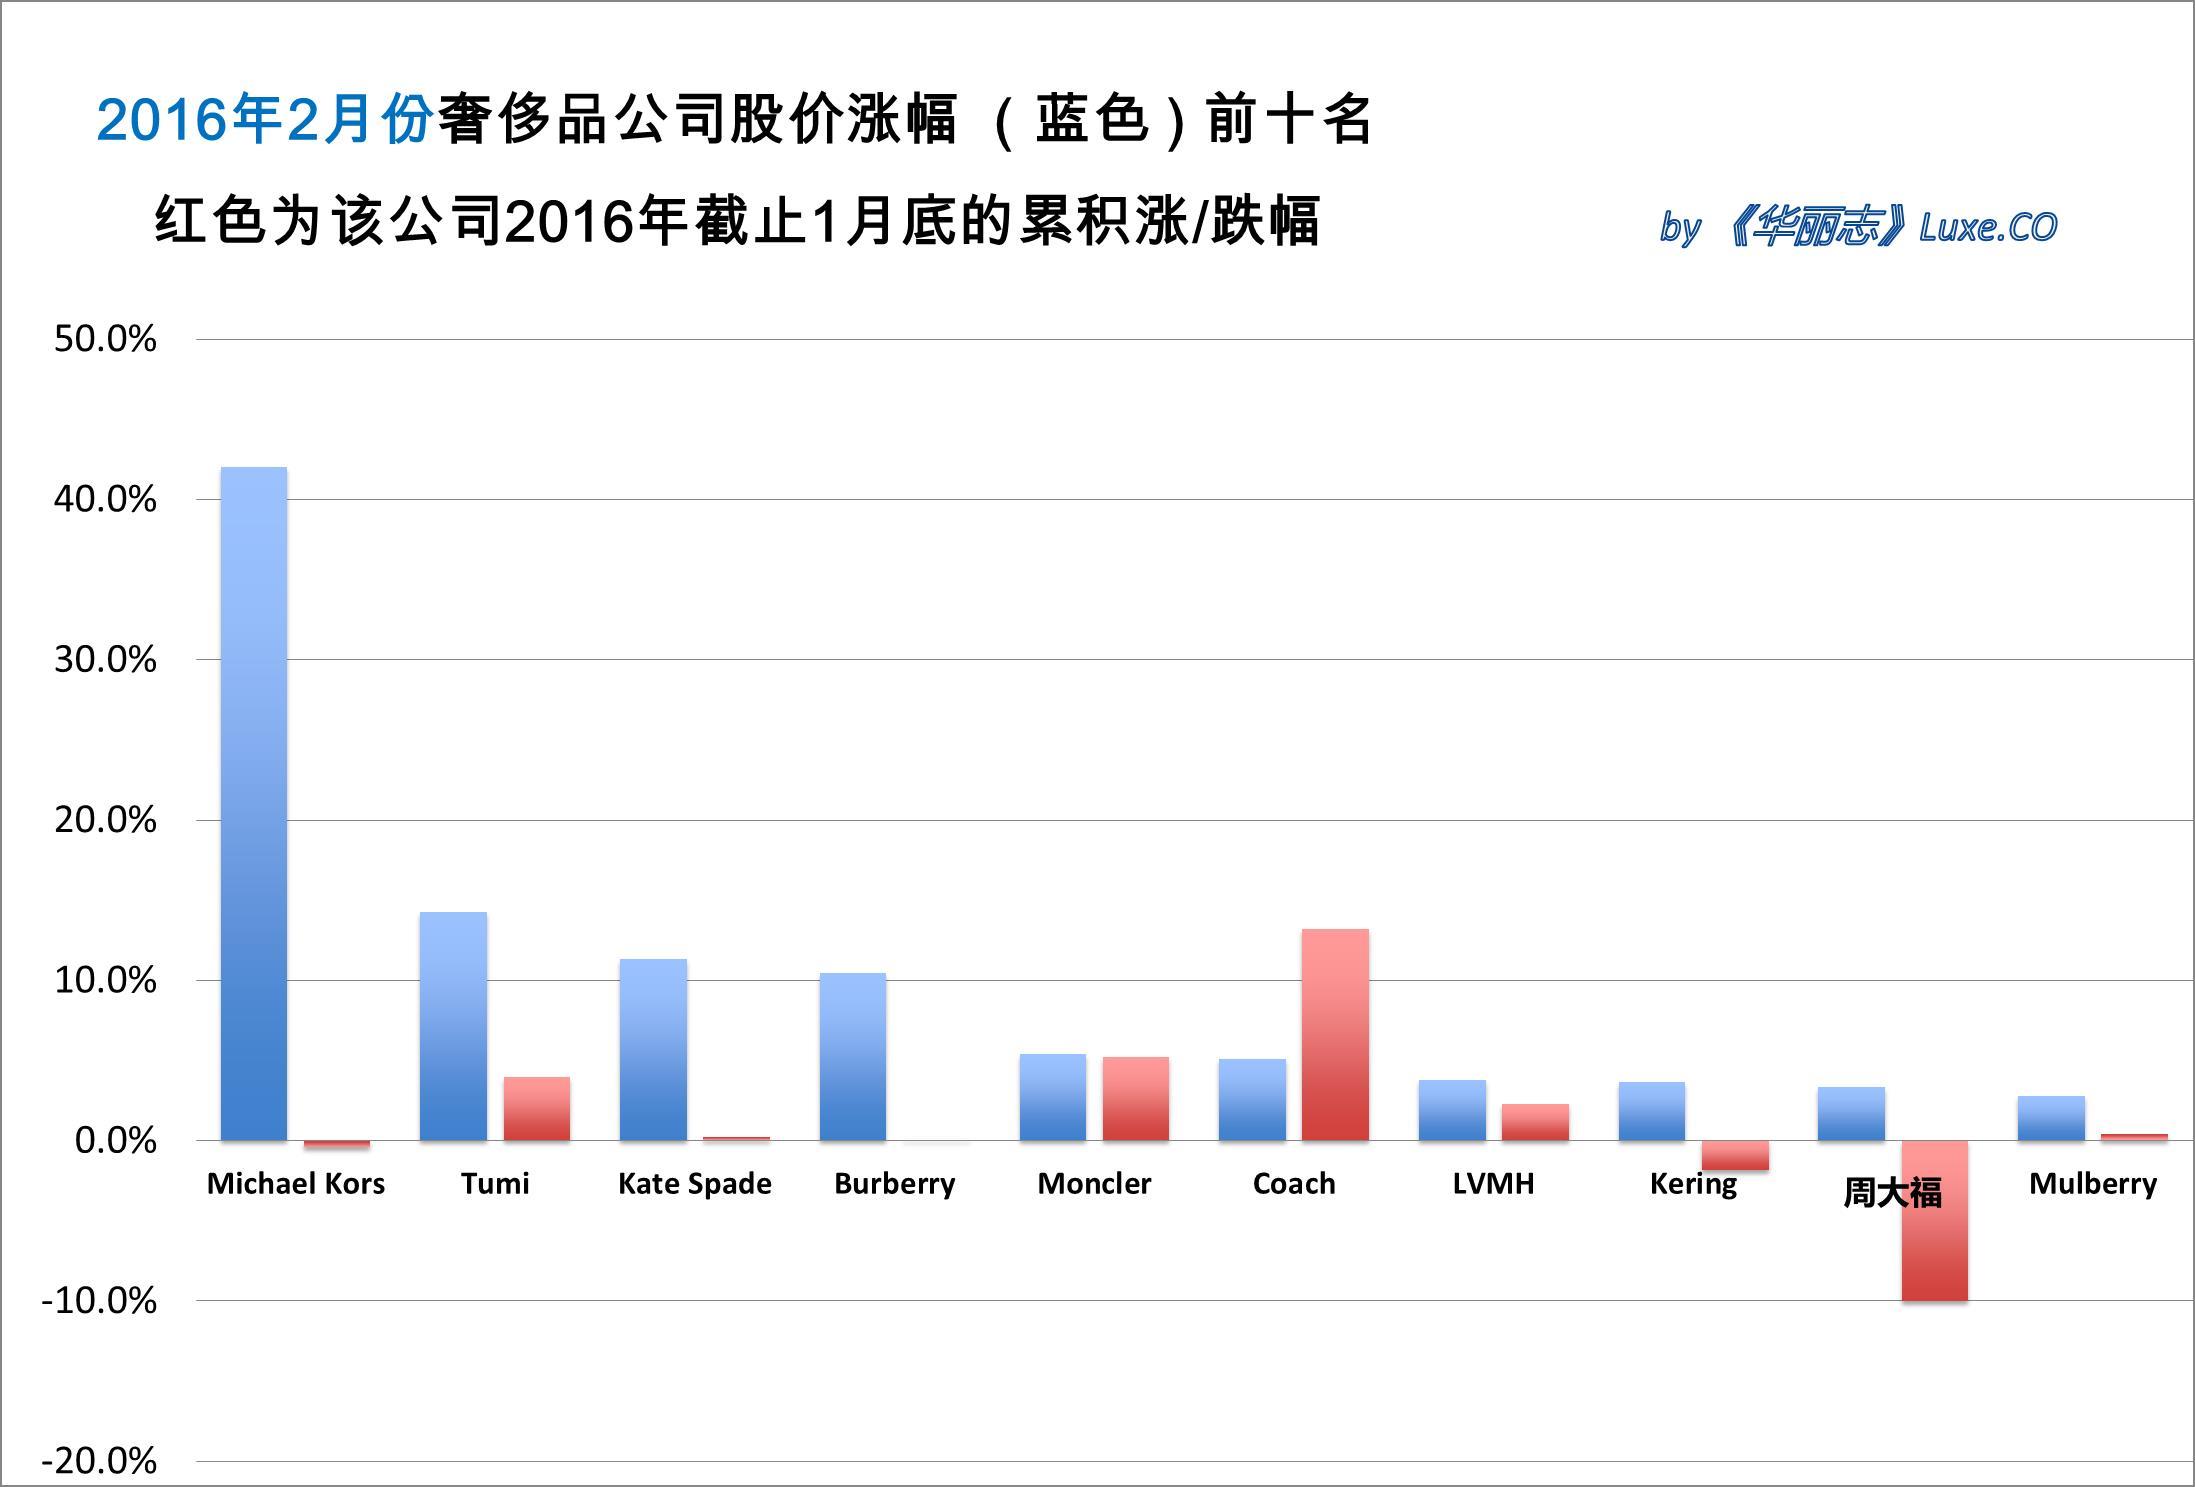 《华丽志》奢侈品股票月度排行榜(2016年2月)